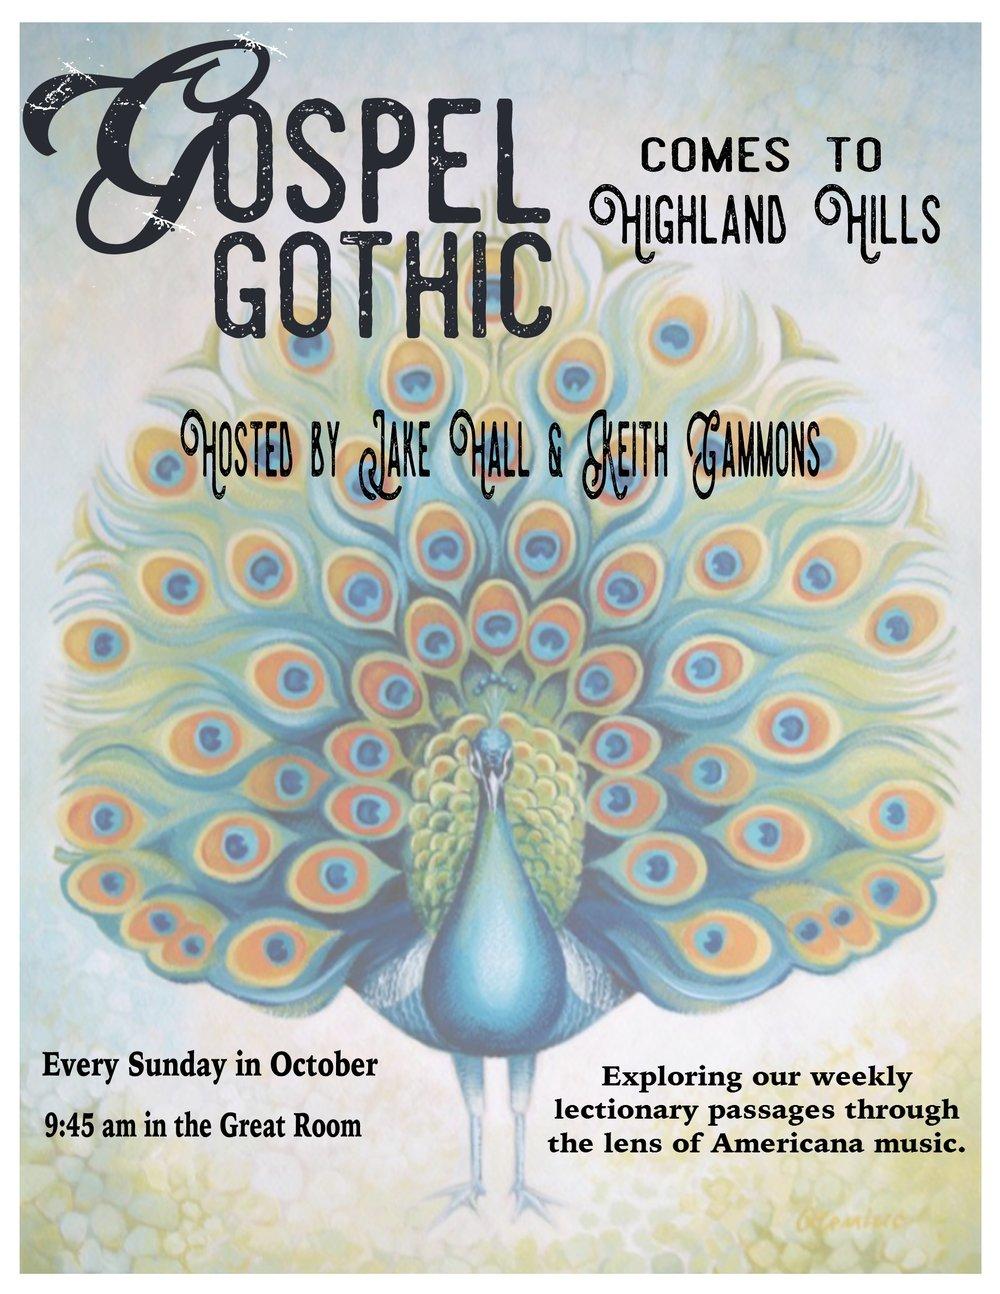 gospel.gothic.jpg